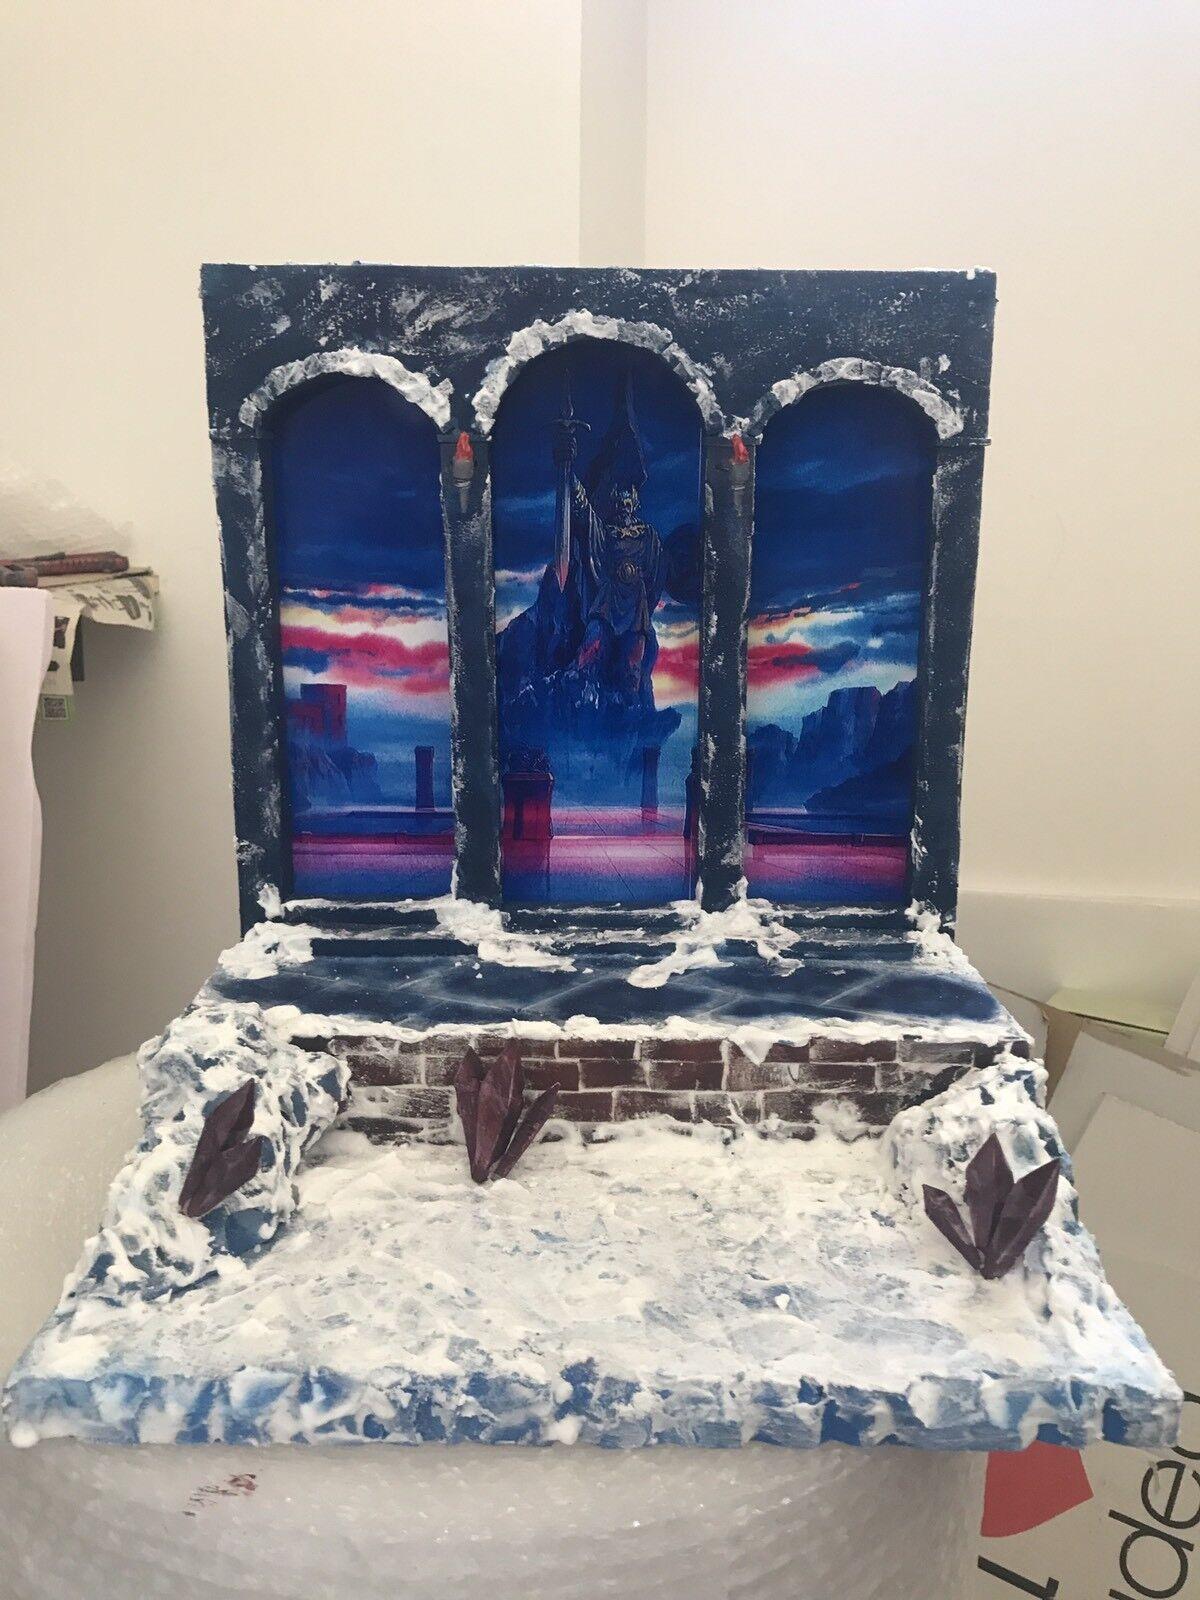 Diorama Decoration Scene Myth Cloth Saint Seiya Entrata Di Asgard 2.0